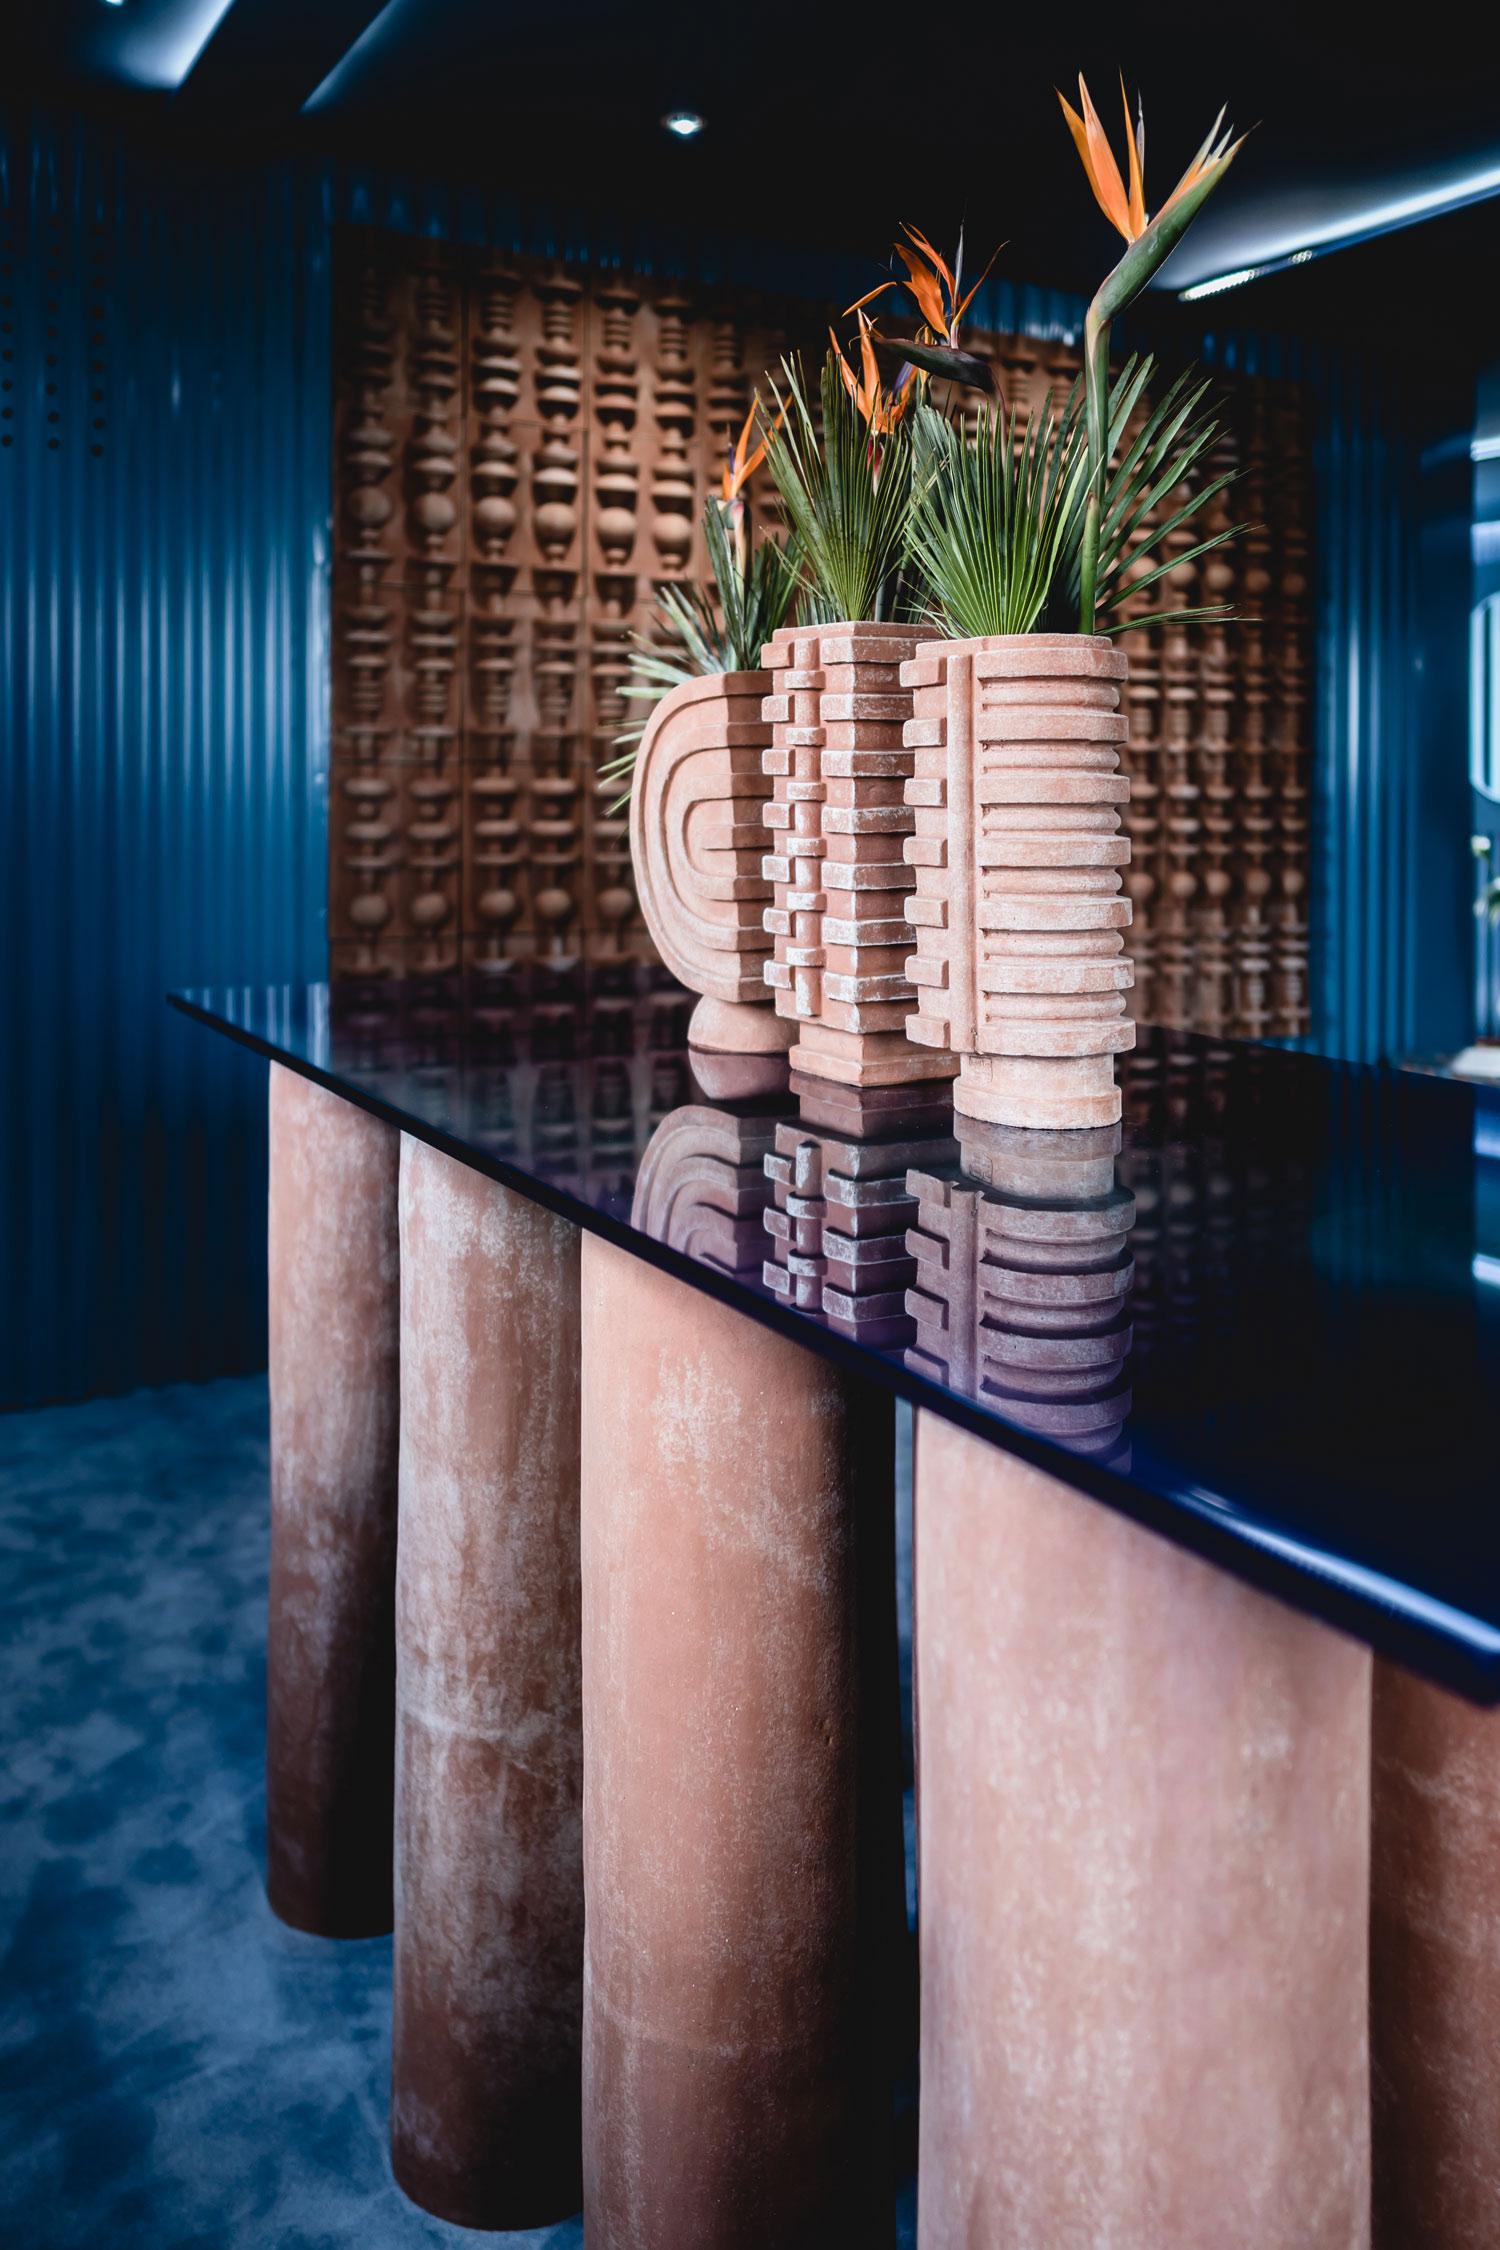 Interior design trends for 2020 - Terracotta interior trend - Authentic Interior design studio & blog www.authenticinterior.com